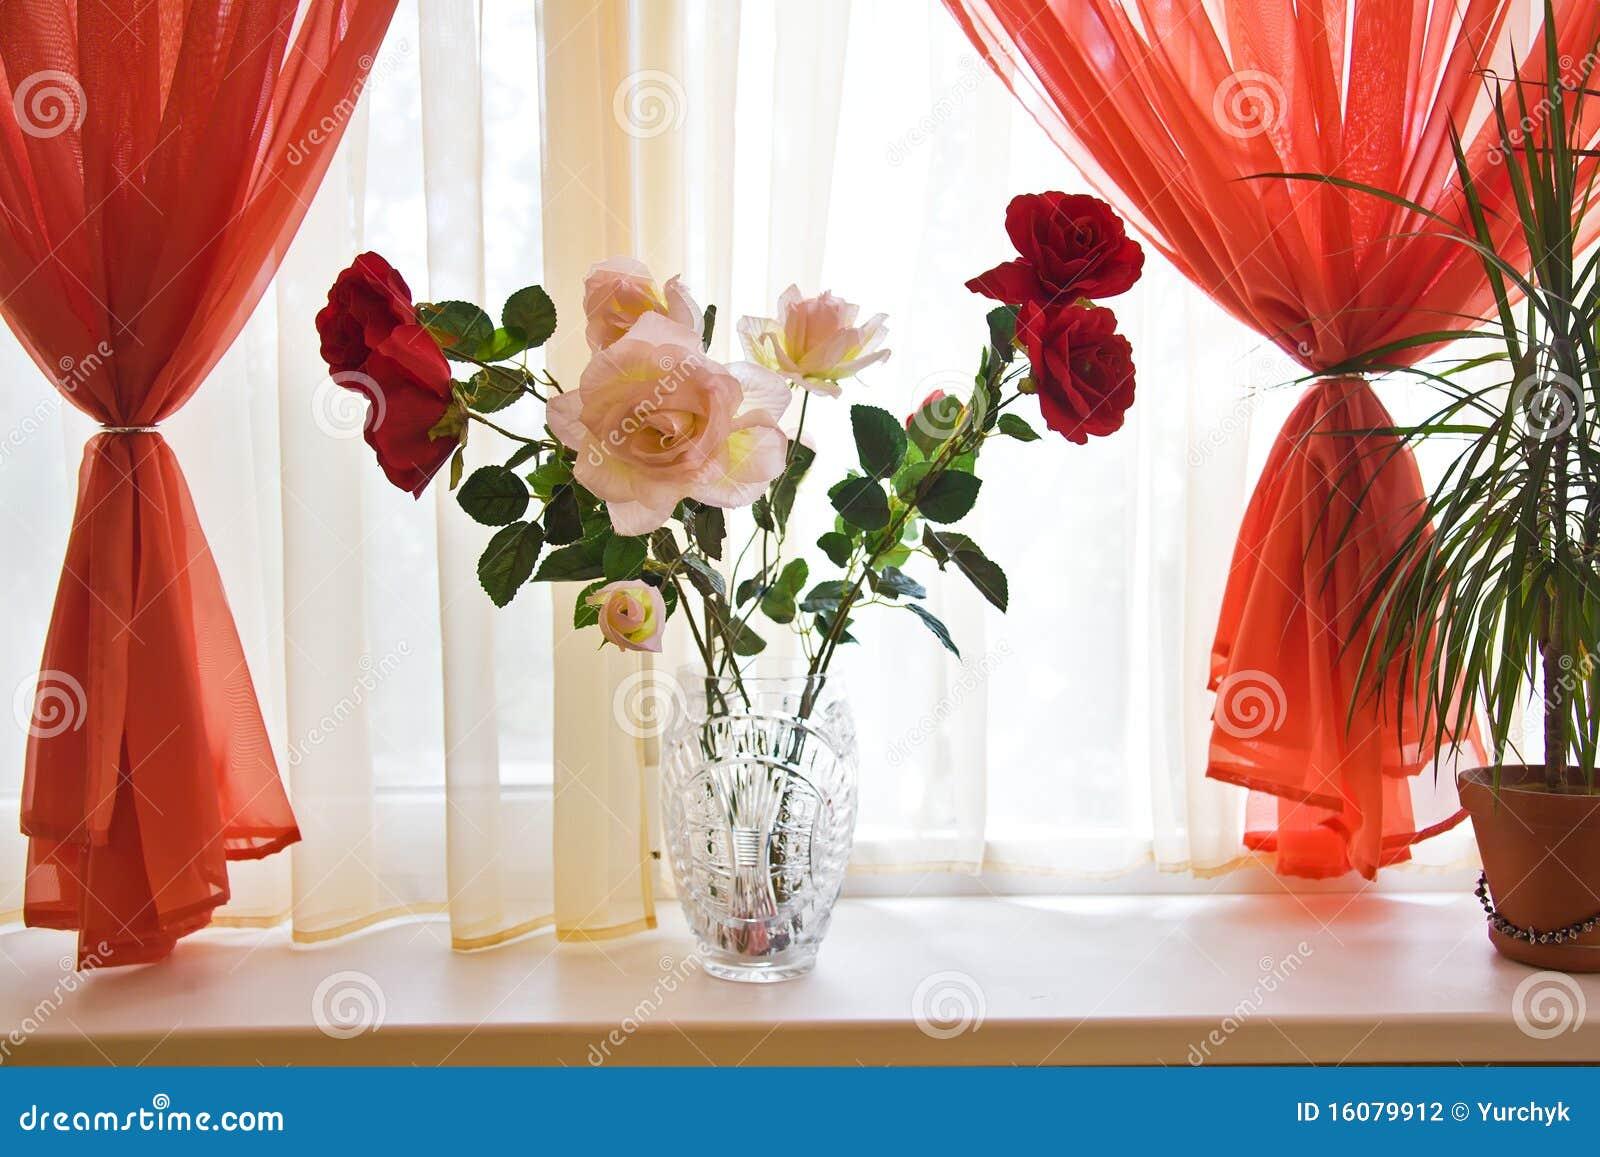 Mazzo delle rose sul davanzale della finestra fotografia - Davanzale interno finestra ...